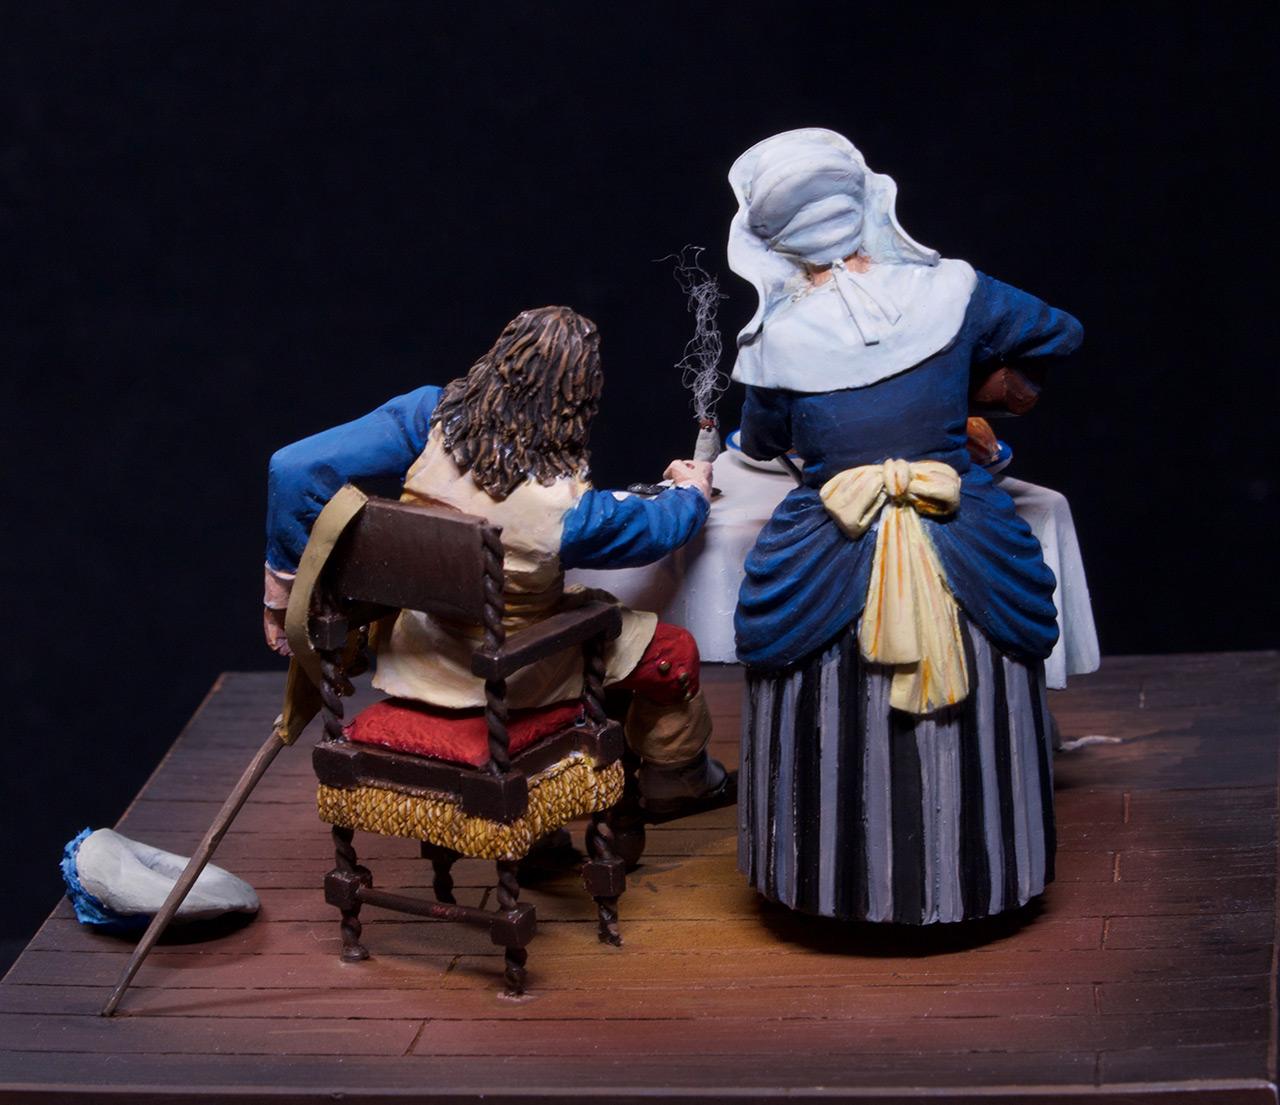 Диорамы и виньетки: Горничная и кавалер за столом, фото #10